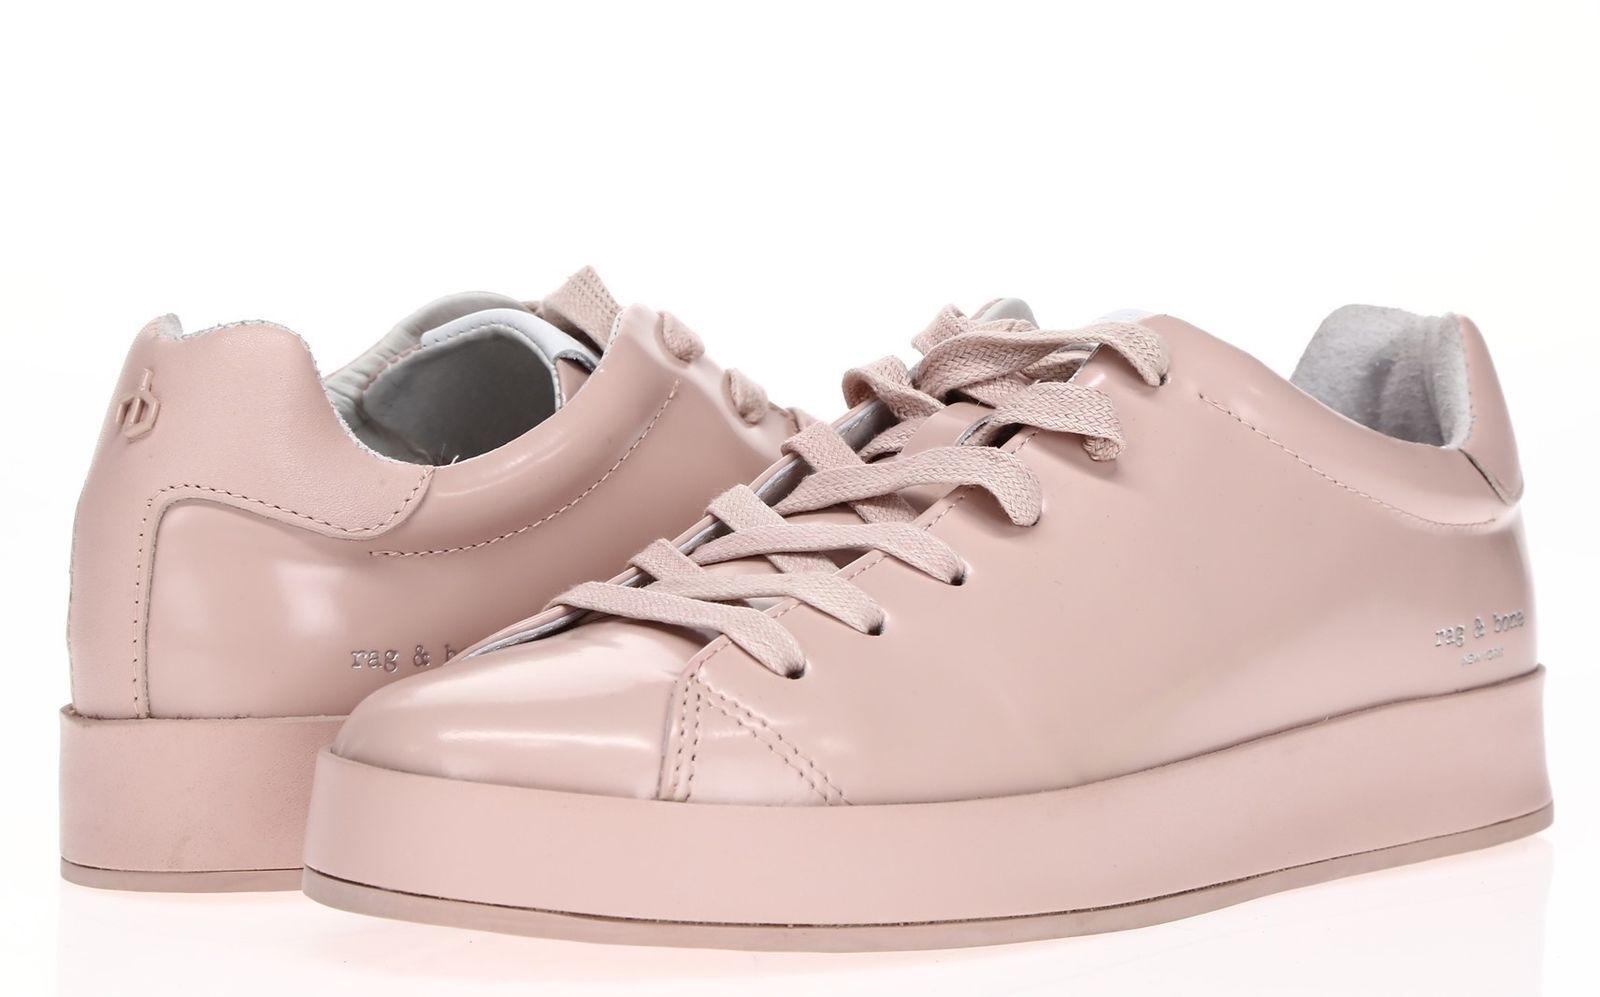 RAG & Sneakers BONE Womens 'RB1' Pink Leather Low Top Sneakers & Sz 38.5 Handmade 08ec43